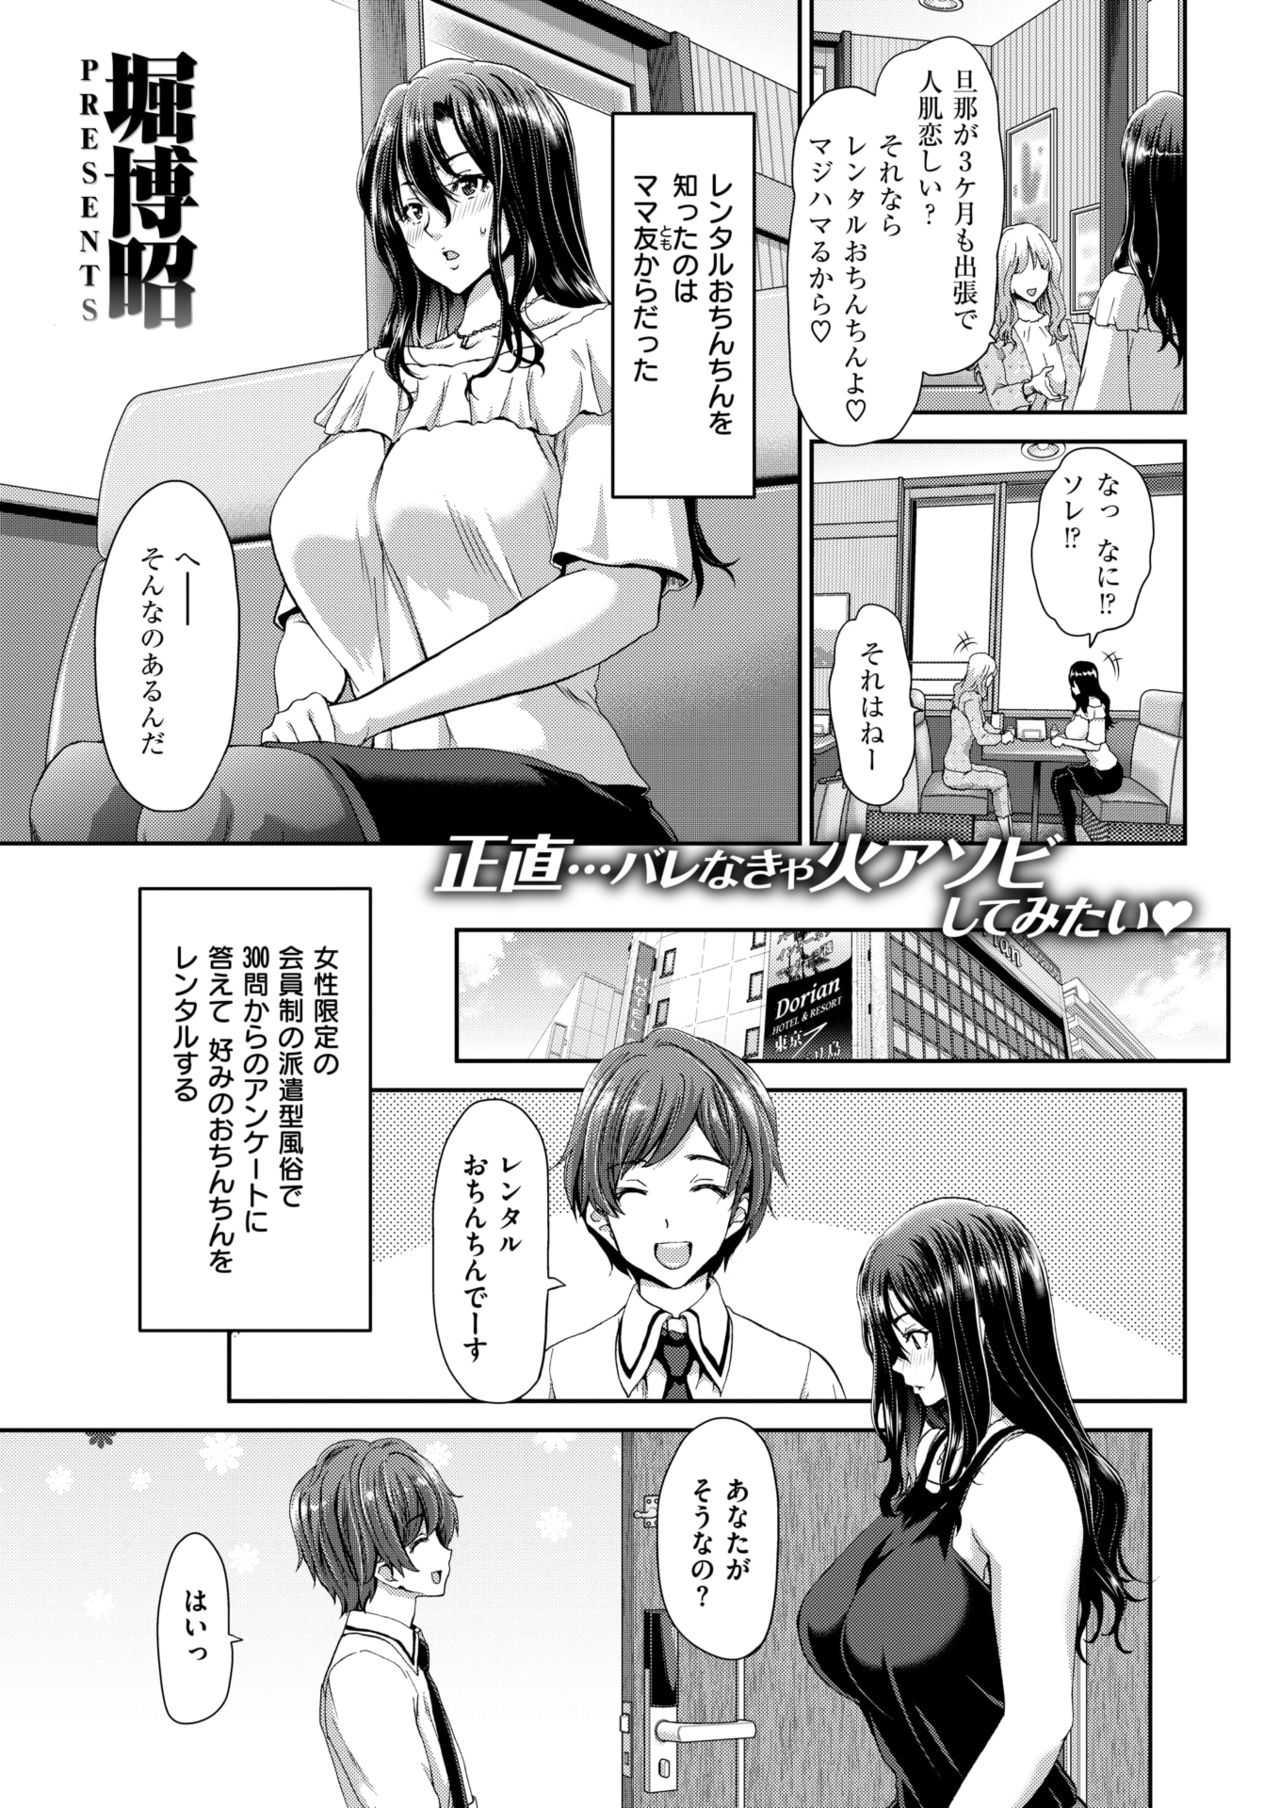 向け 無料 エロ 漫画 女性